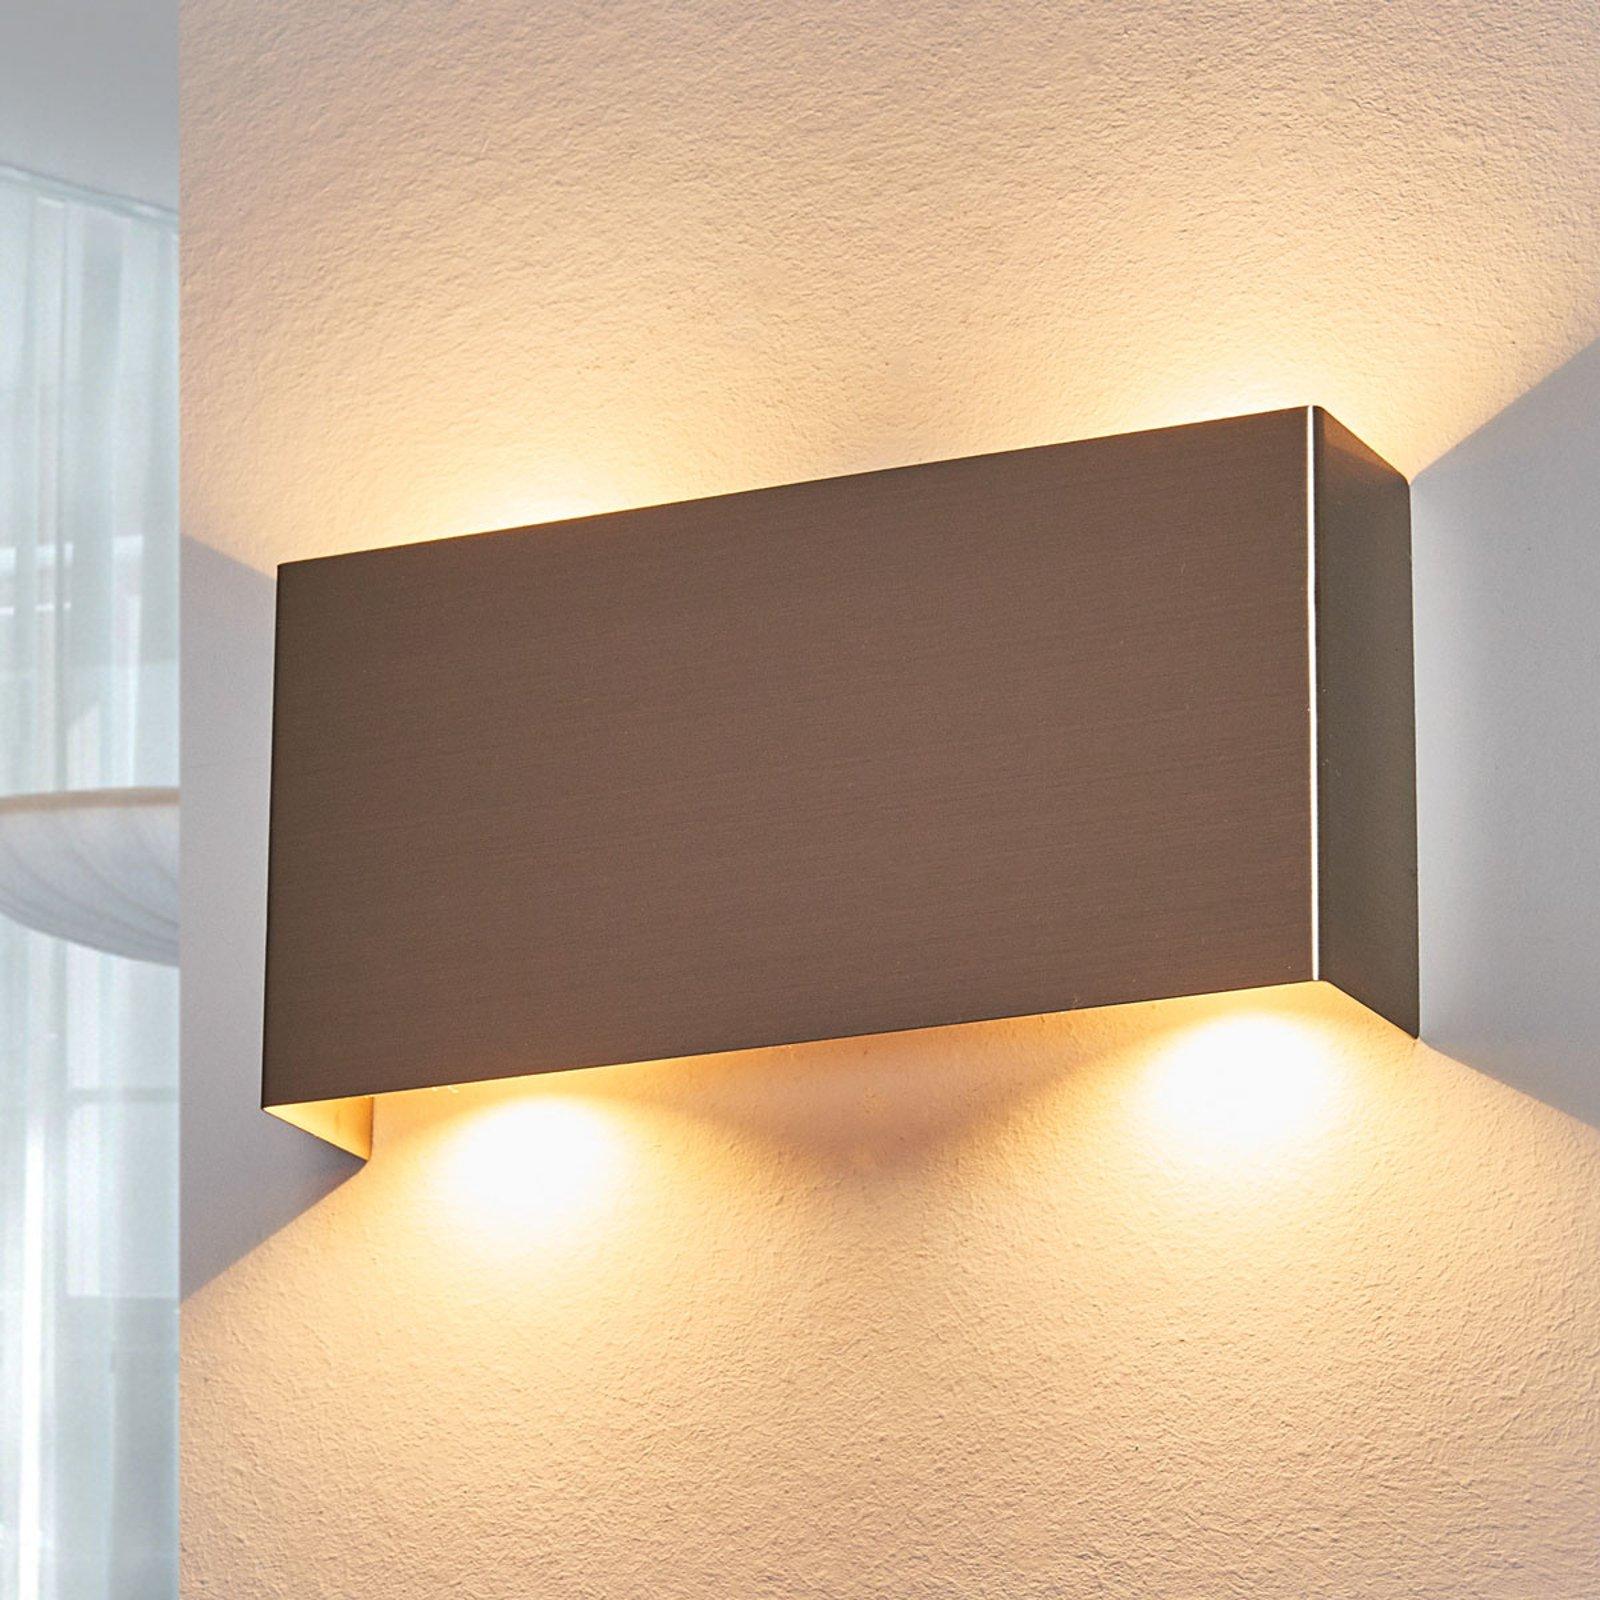 LED-vegglampe Manon, satinert nikkel, 22 cm